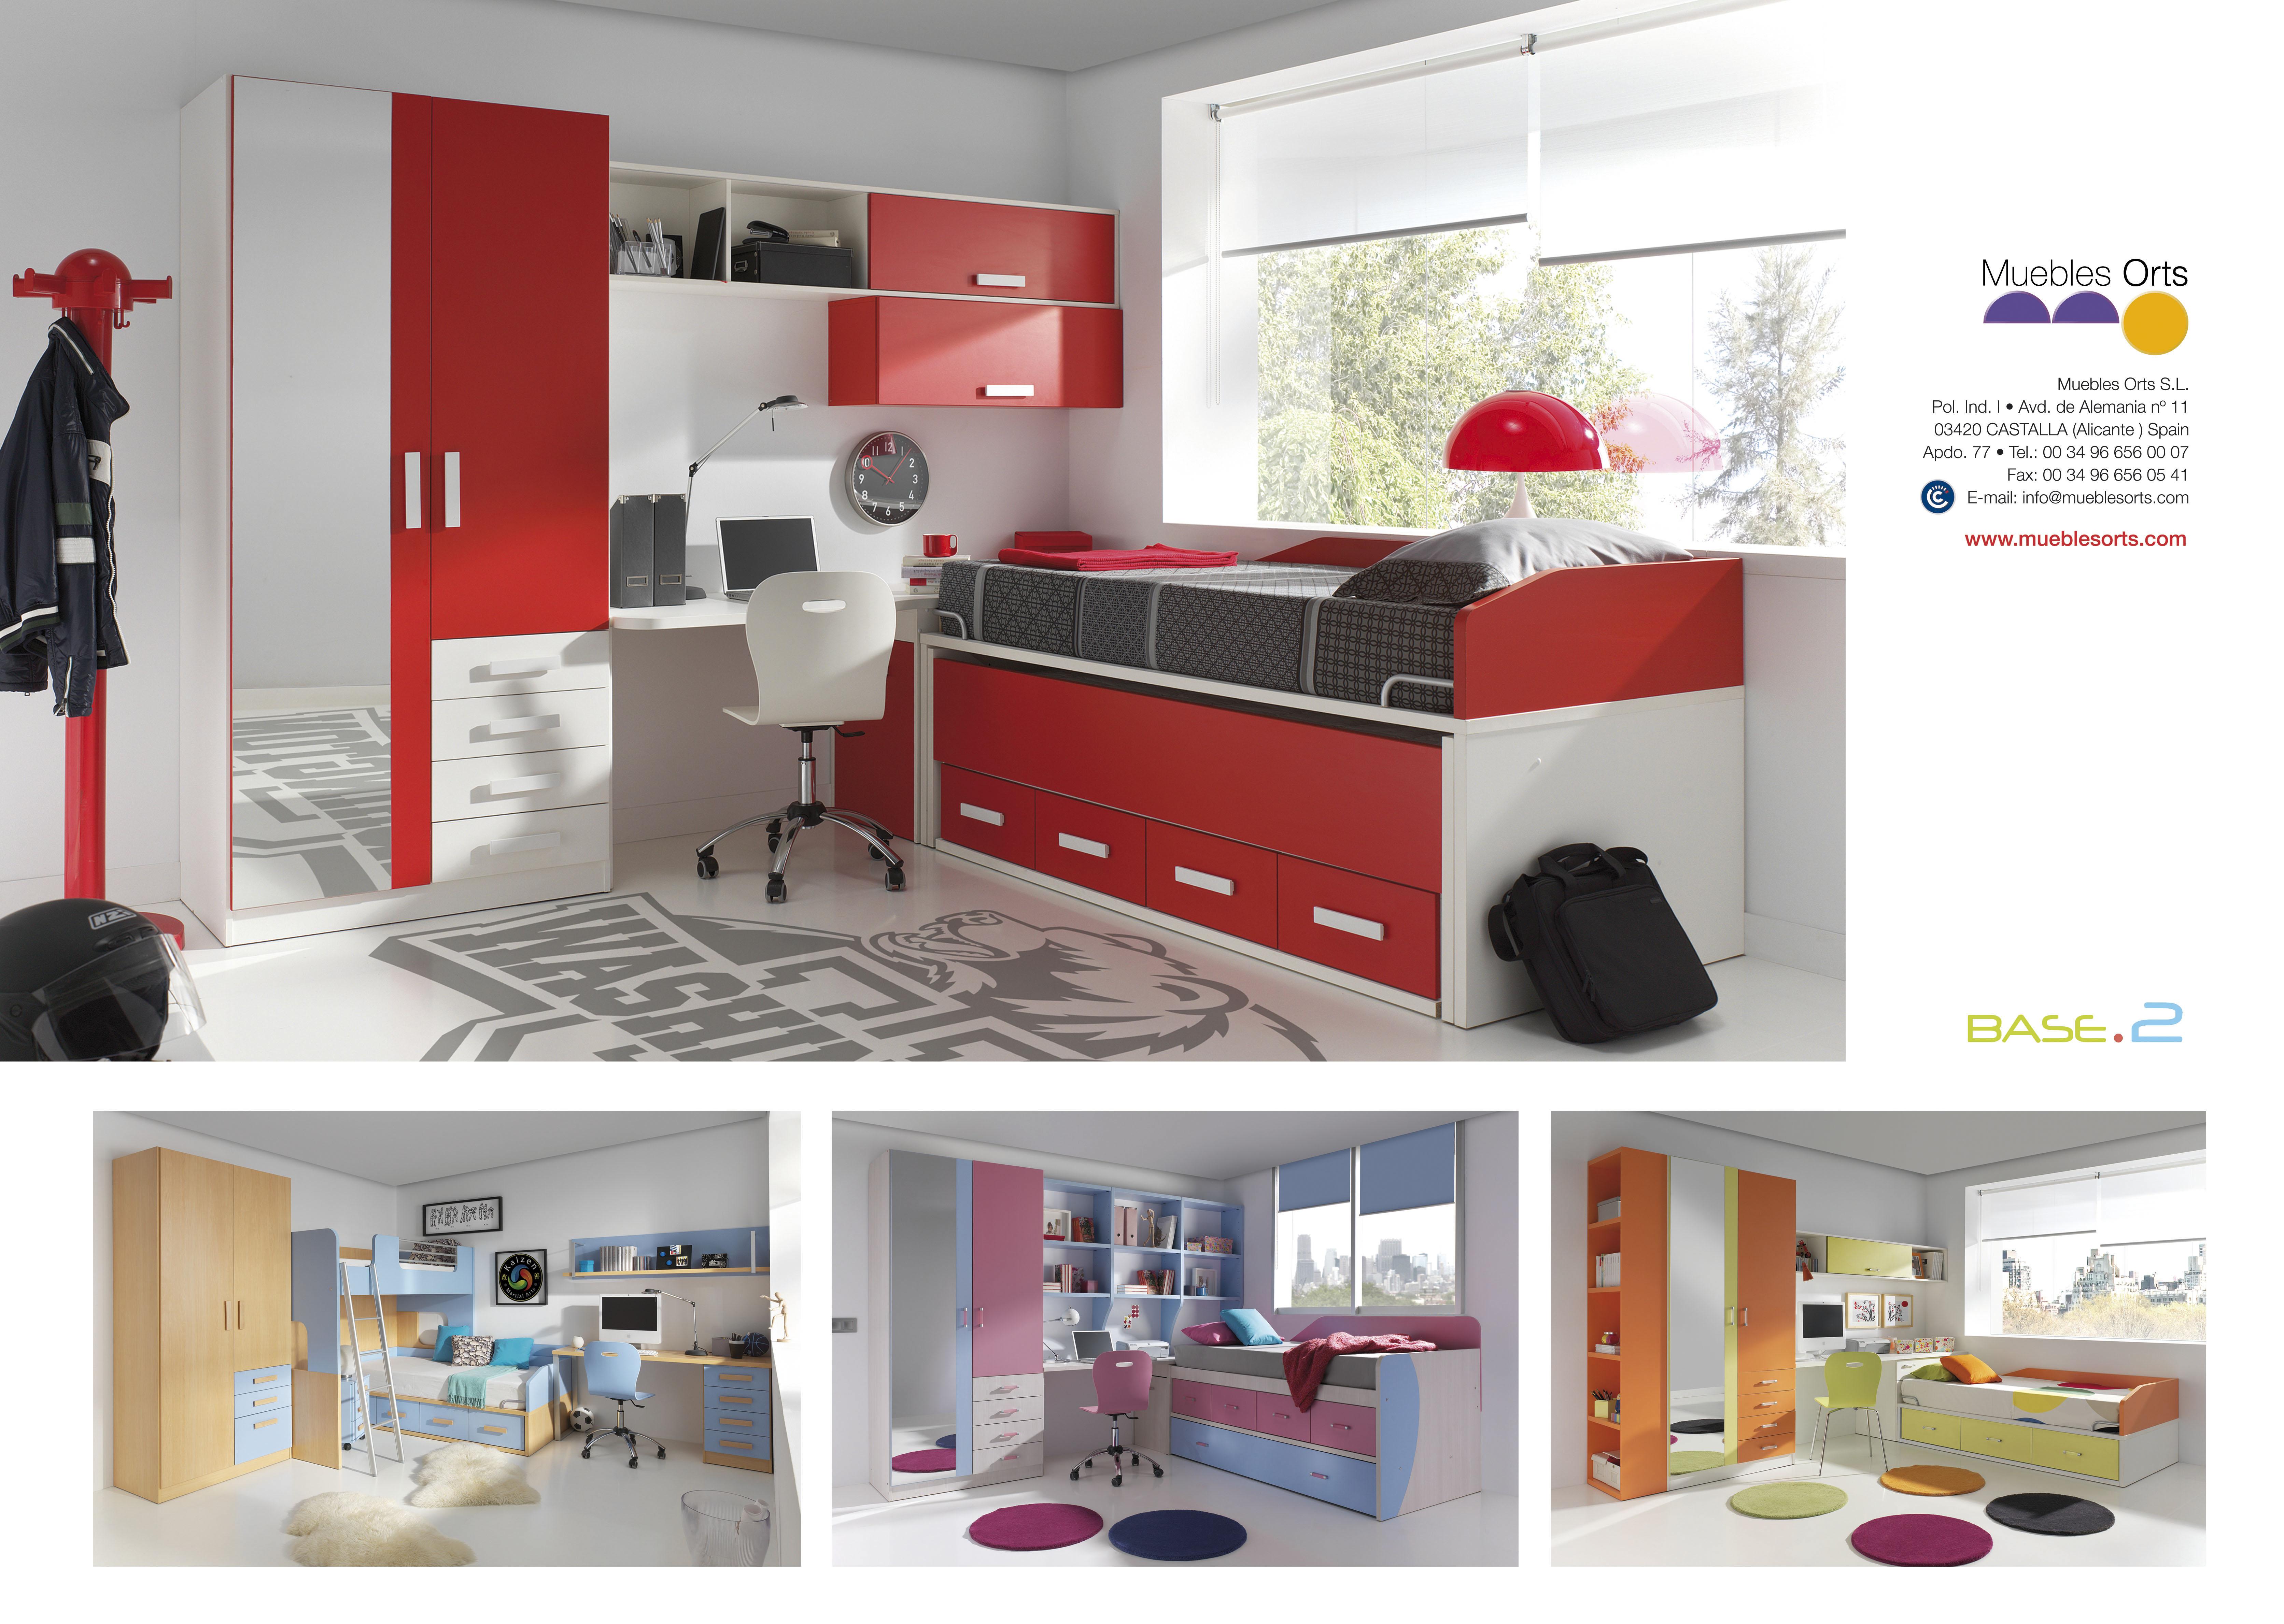 El Mueble Dormitorios Juveniles Dise Os Arquitect Nicos  # Muebles Refolio